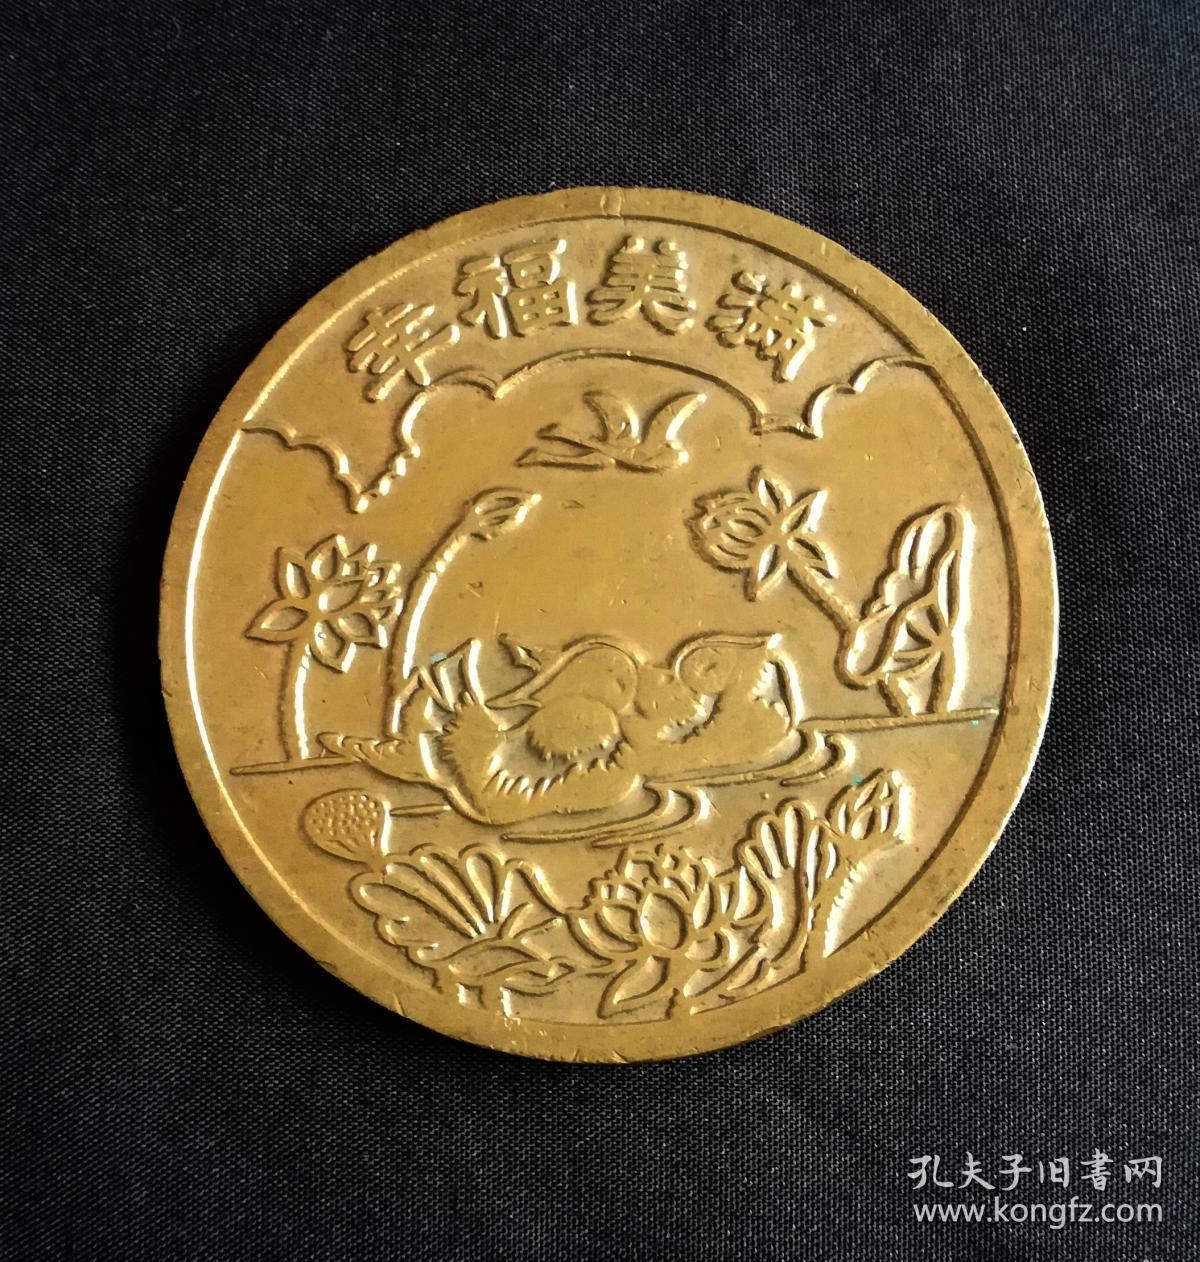 鸳鸯幸福美满结婚纪念大铜章美品